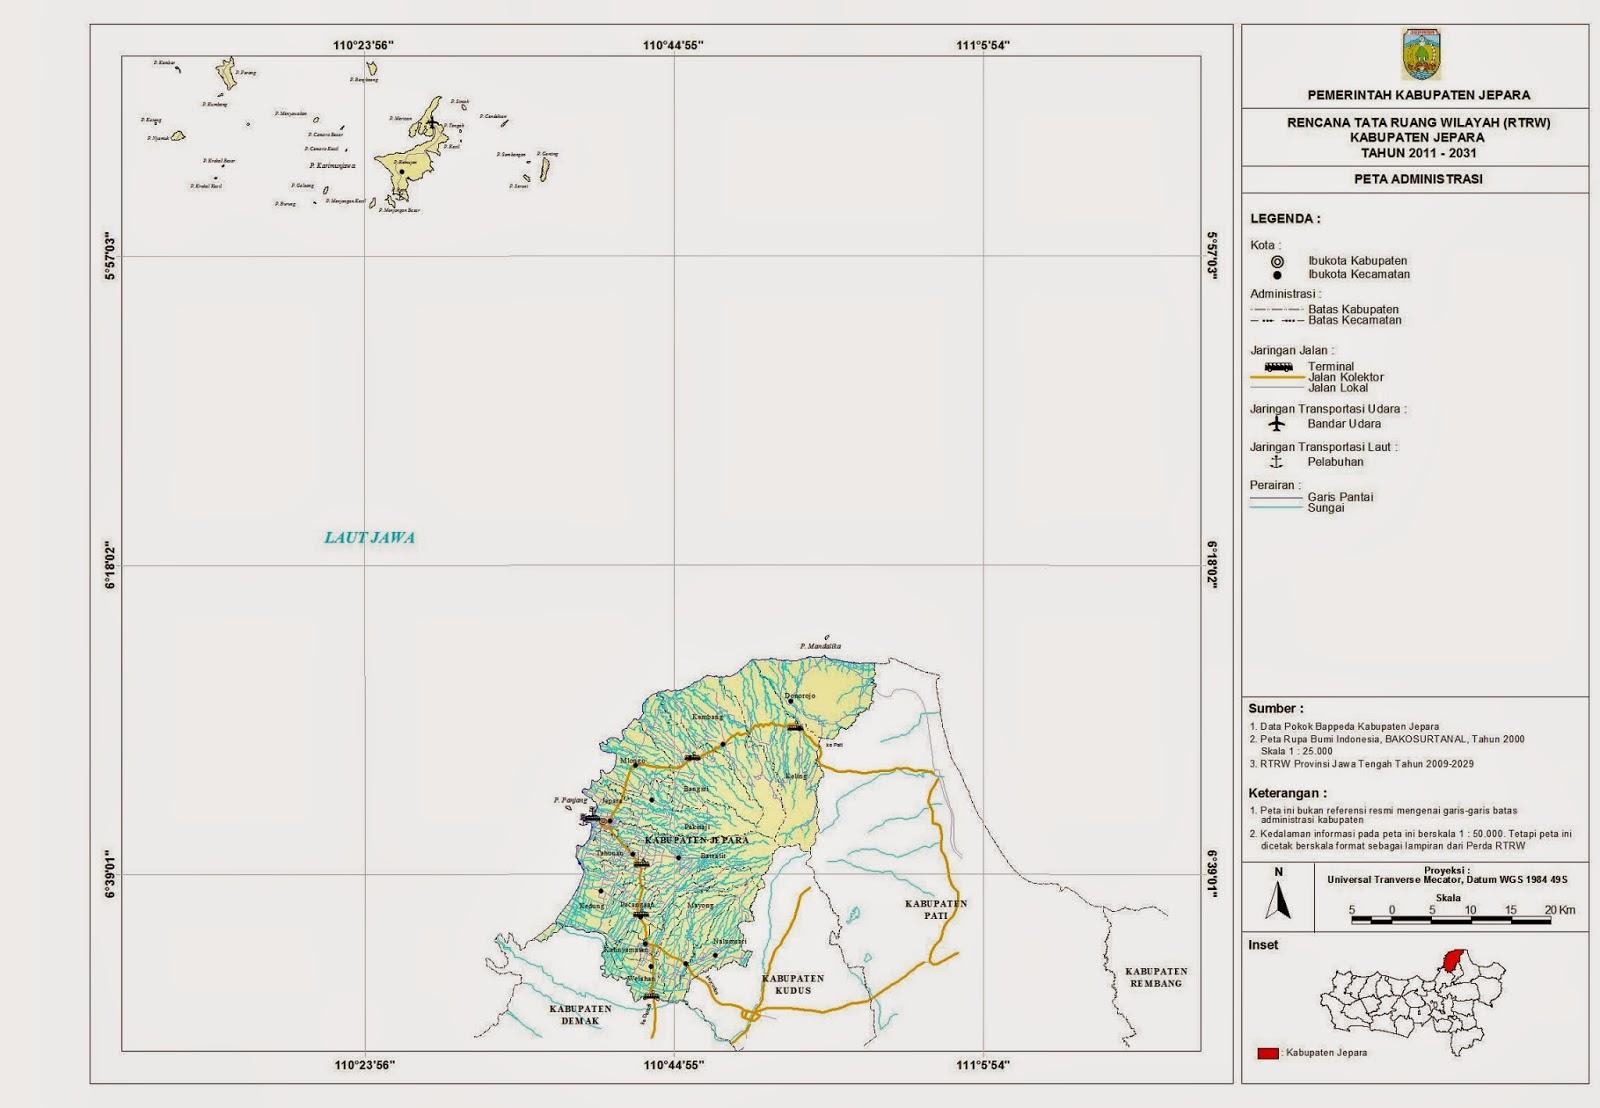 Peta Lengkap Indonesia Peta Administrasi Kabupaten Jepara